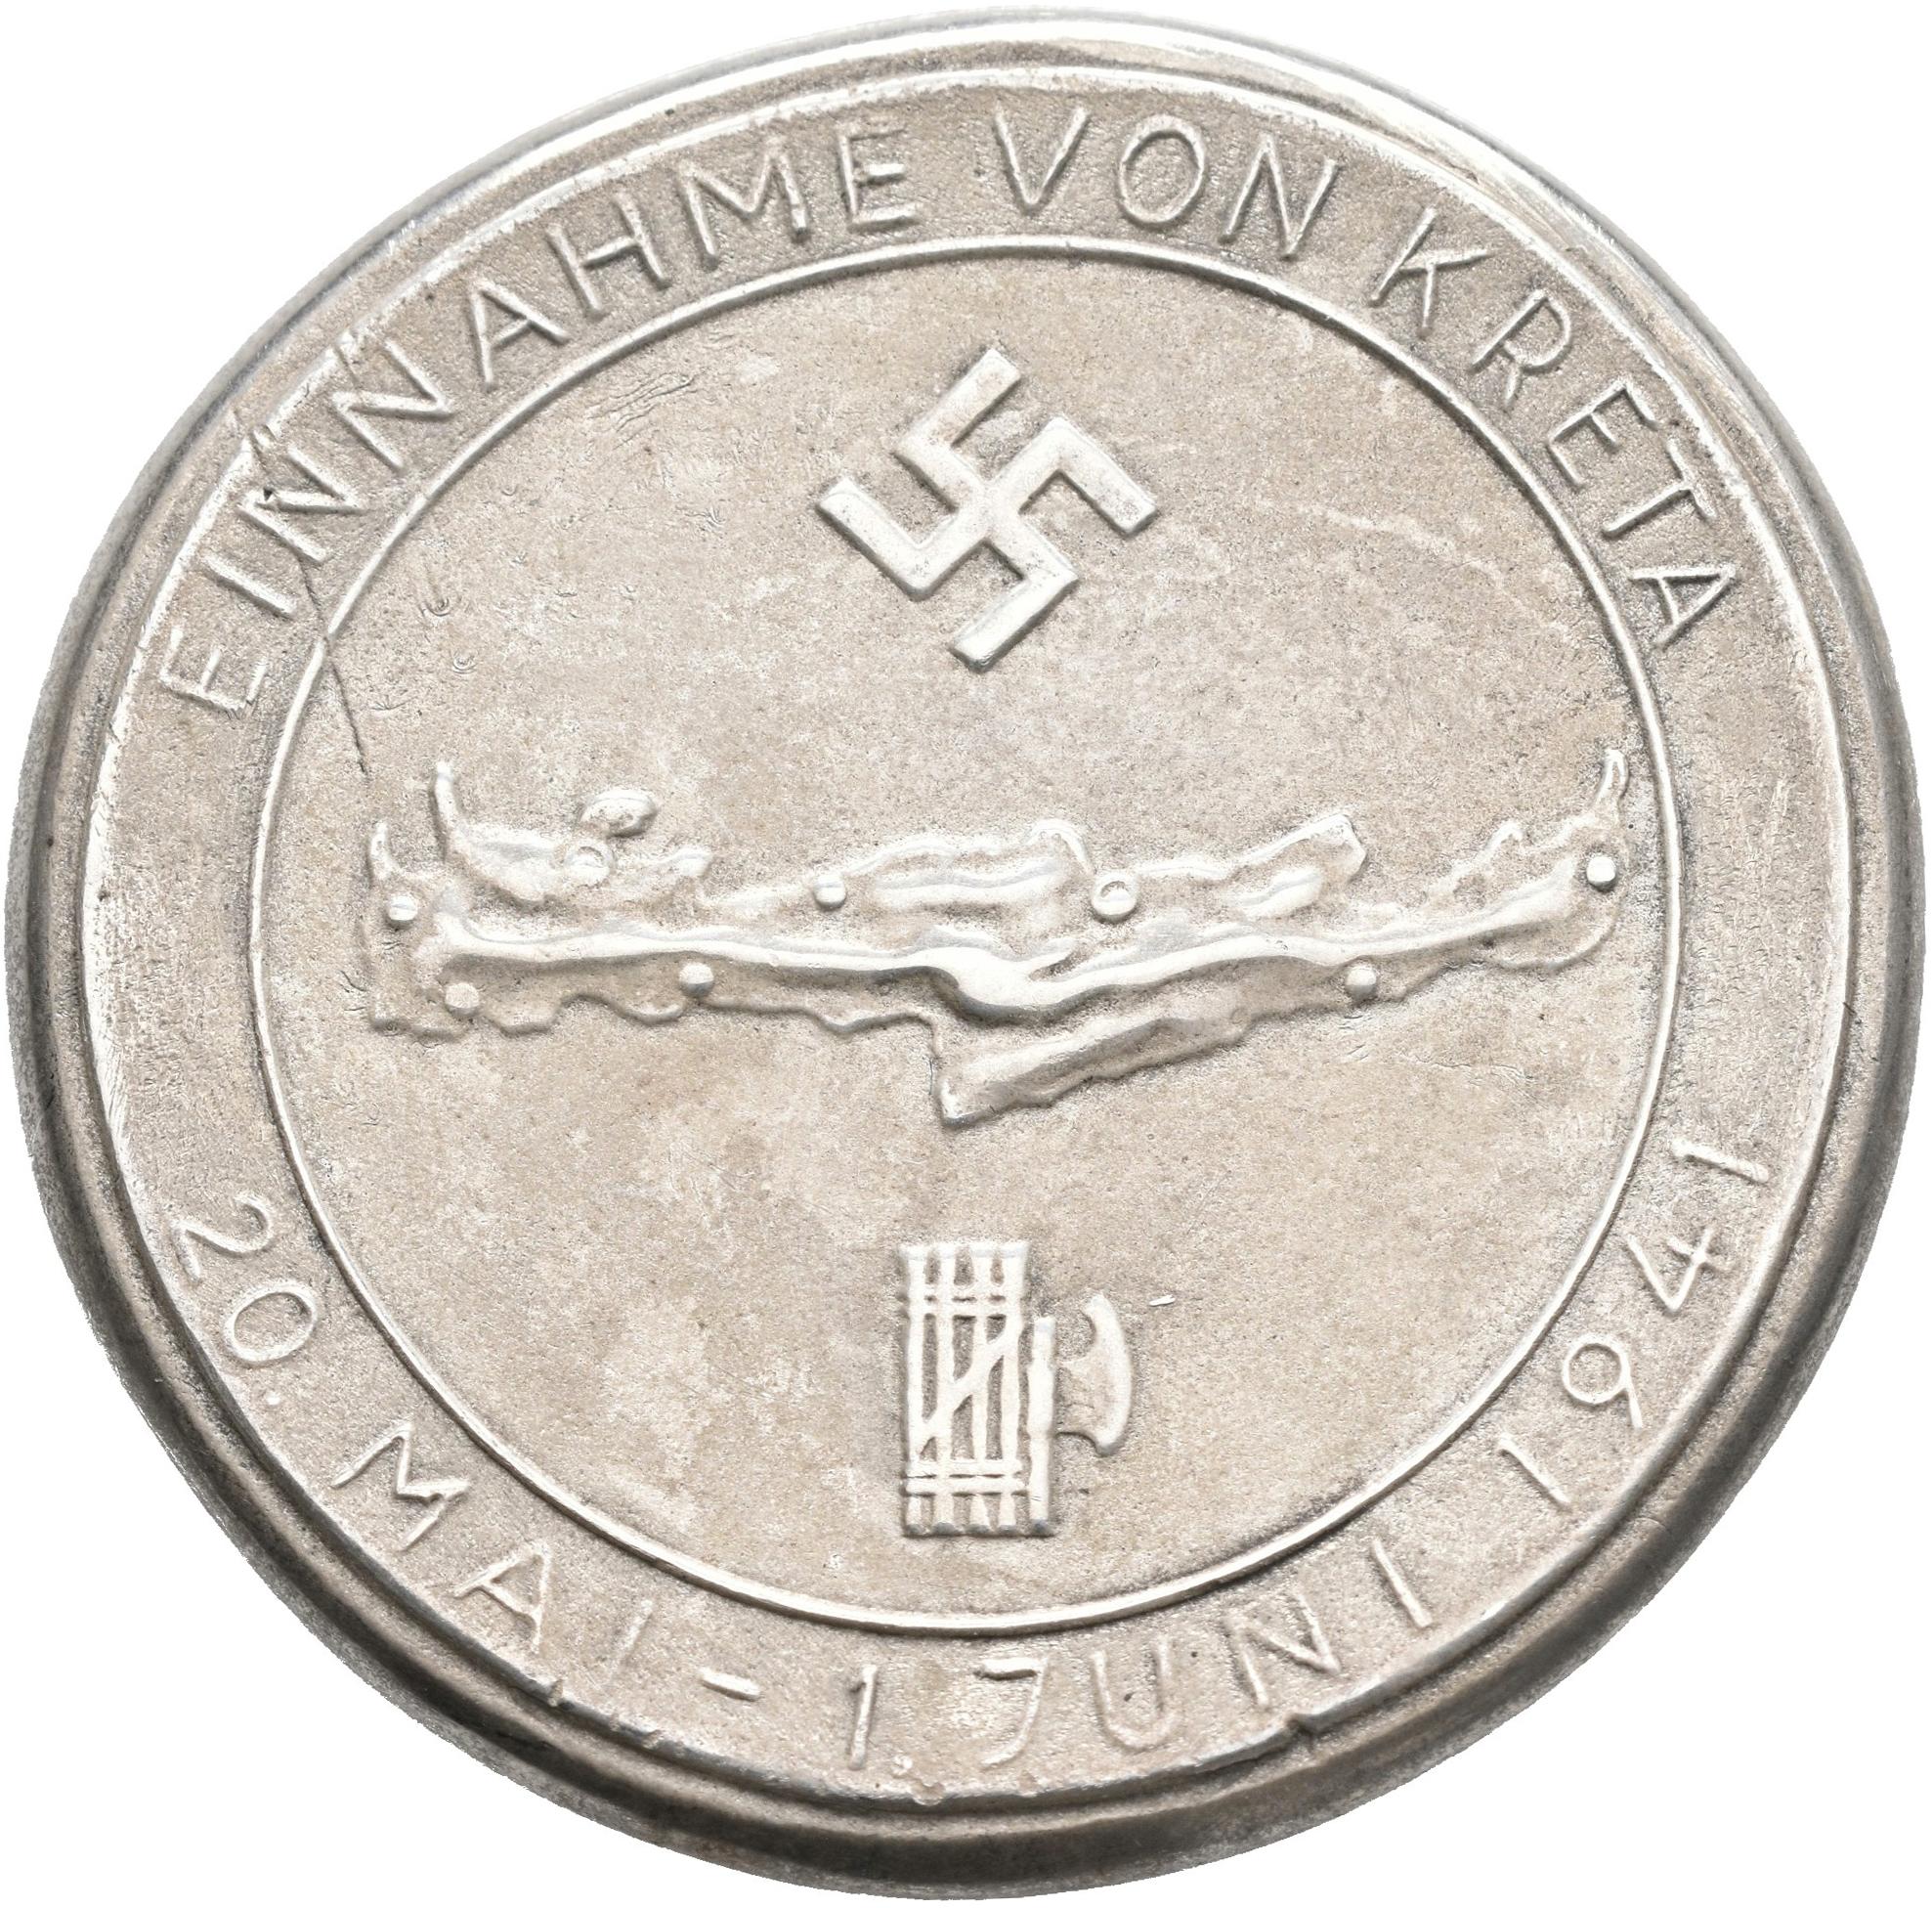 Lot 02386 - Medaillen Deutschland | Münzen  -  Auktionshaus Christoph Gärtner GmbH & Co. KG Sale #48 The Coins & The Picture Post Cards